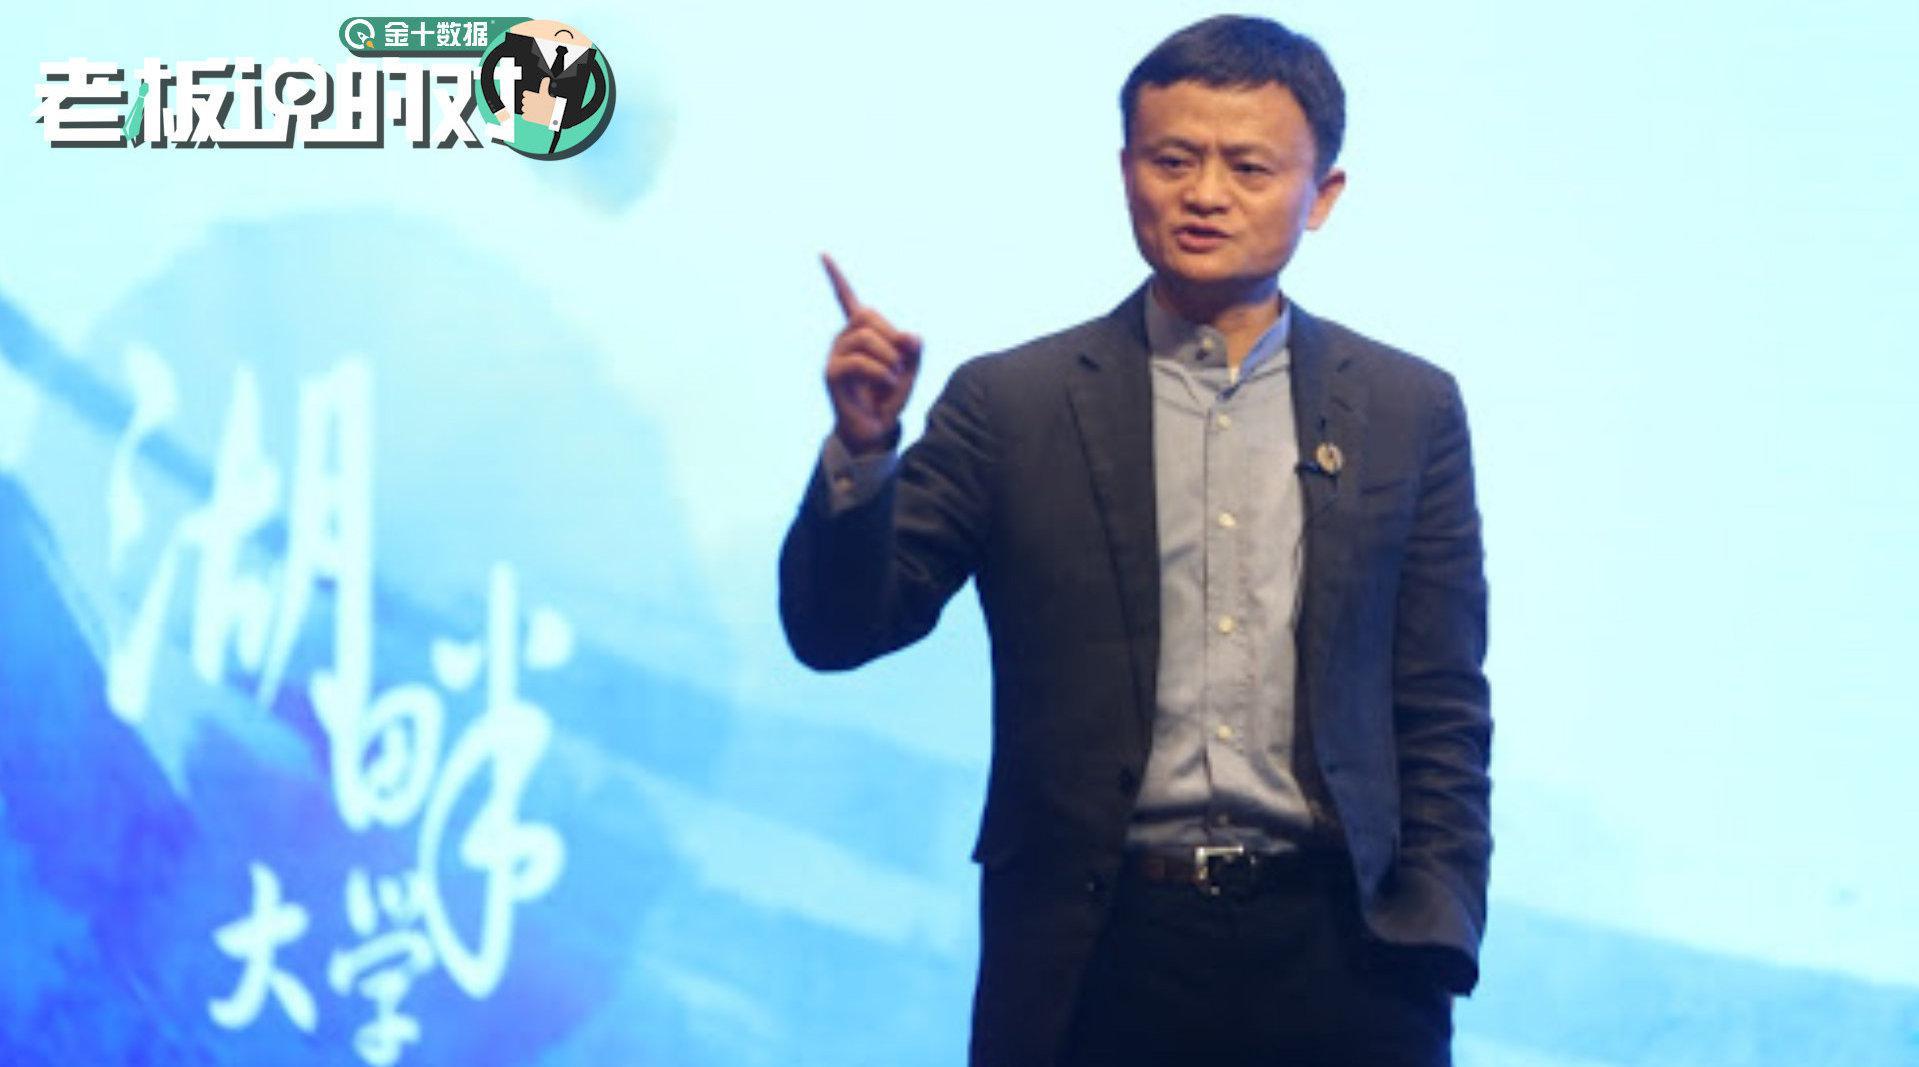 湖畔大学五周年!马云为学生撑腰:企业家是中国社会最稀缺的资源